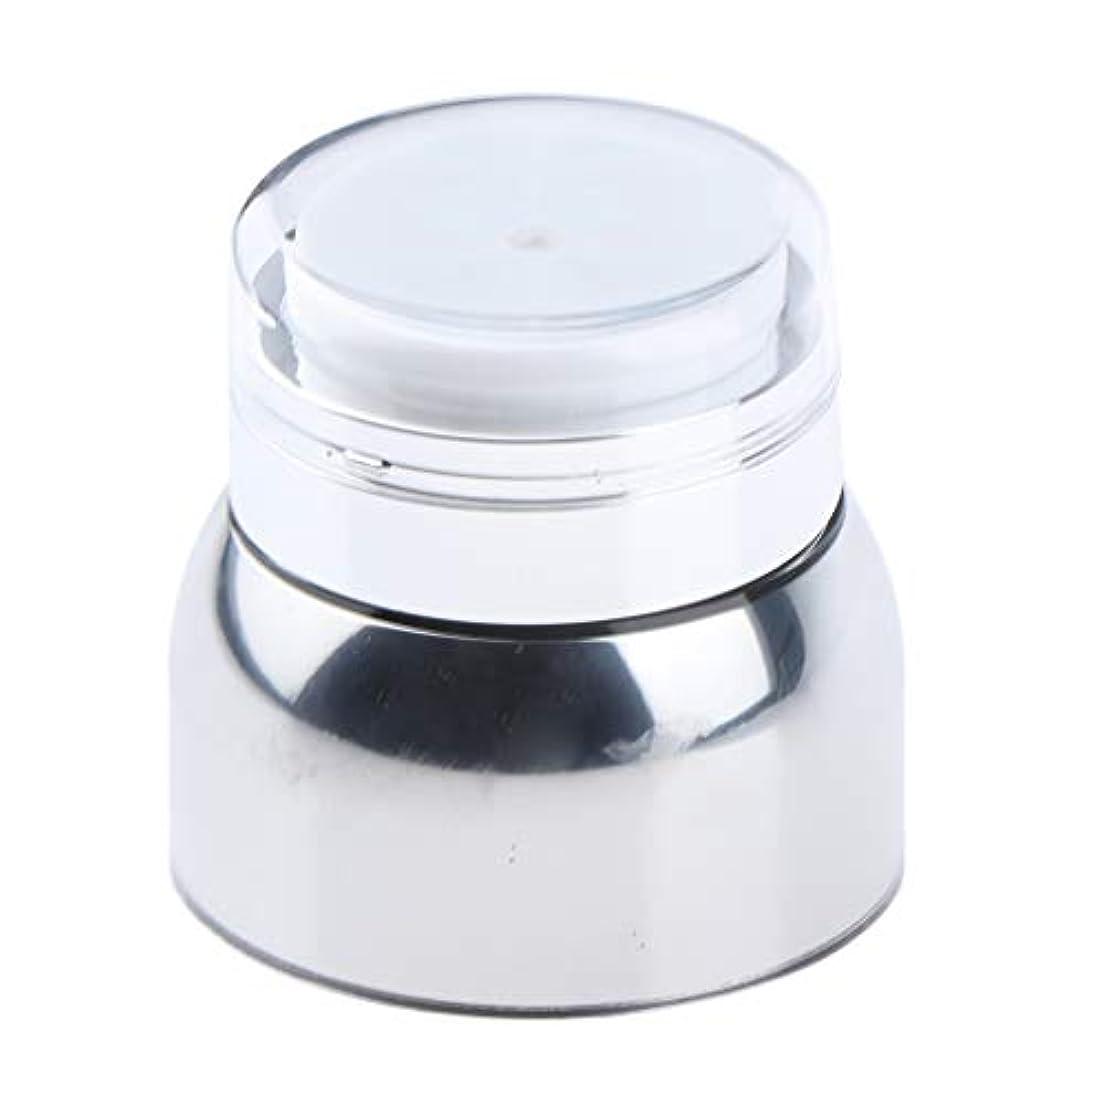 恋人のホストシャットB Blesiya 50g 真空化粧品ジャー メイクボックス 化粧品容器 ローション クリーム 高品質